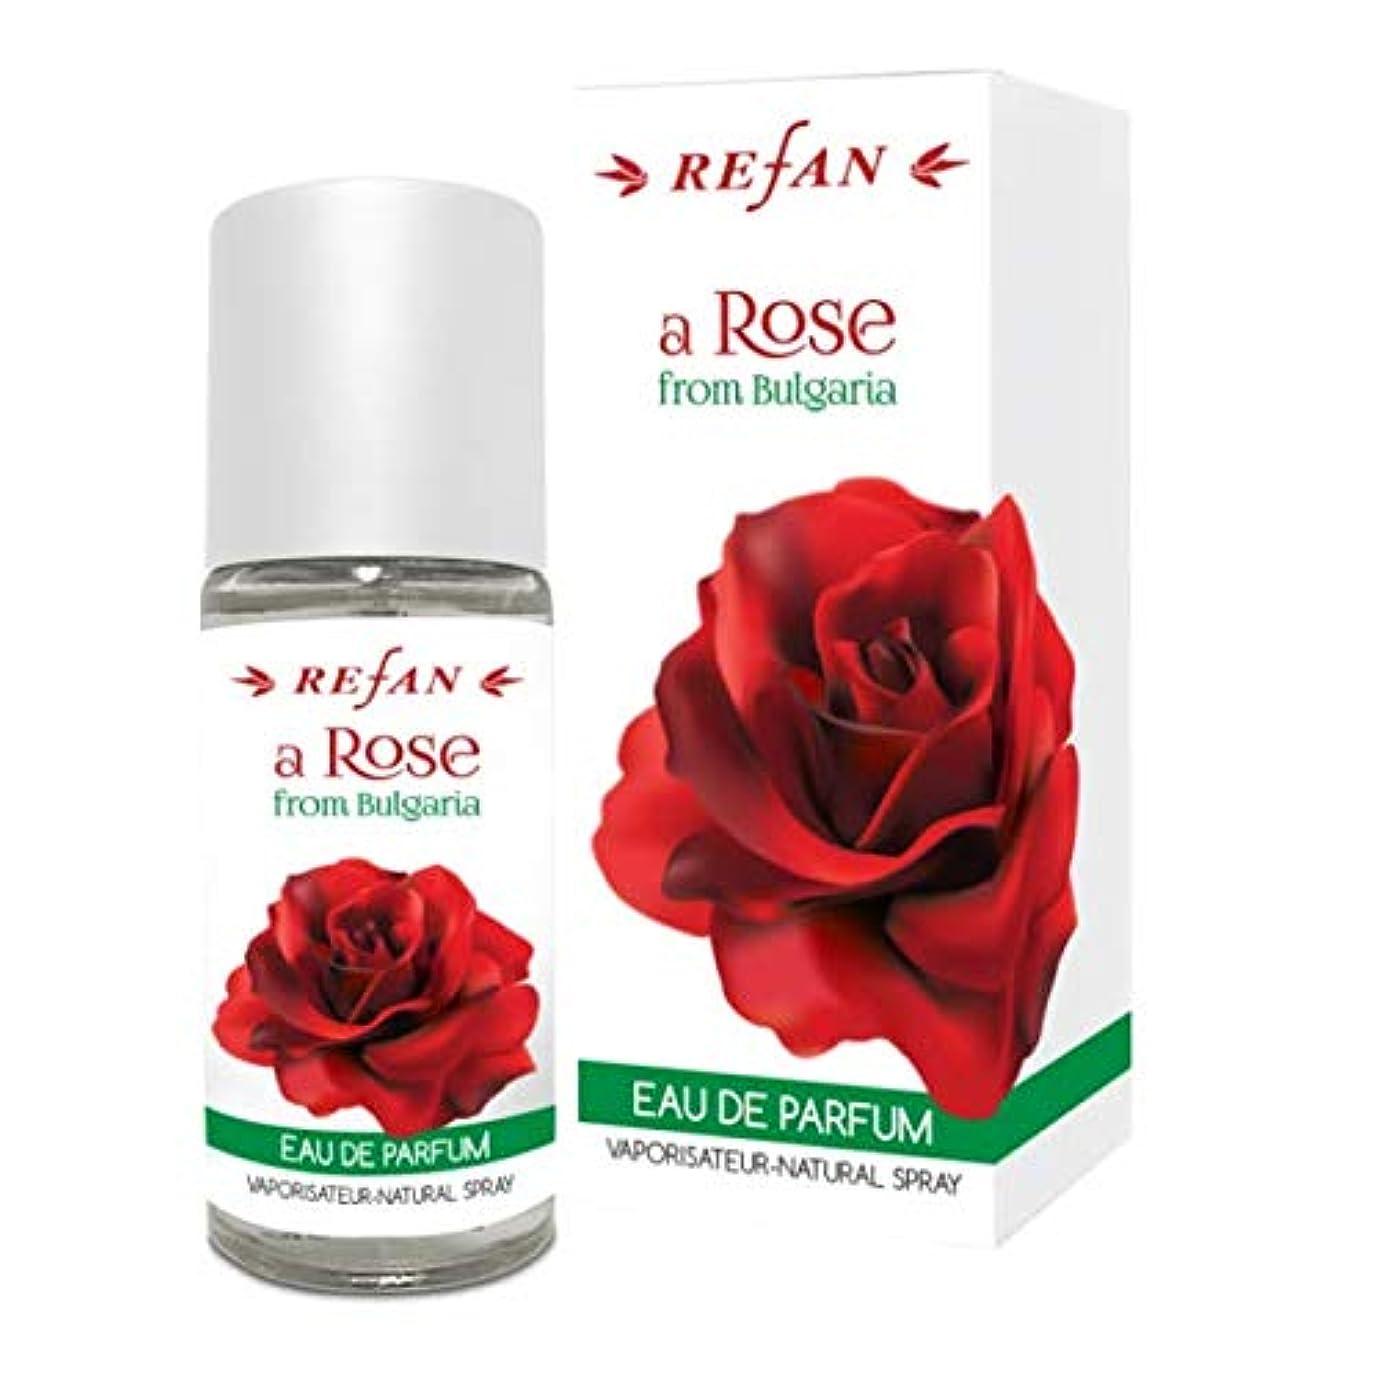 パトロンに勝る施設REFAN:レファン/ ローズパフューム :フロムブルガリア/ 50ml/バラ香水